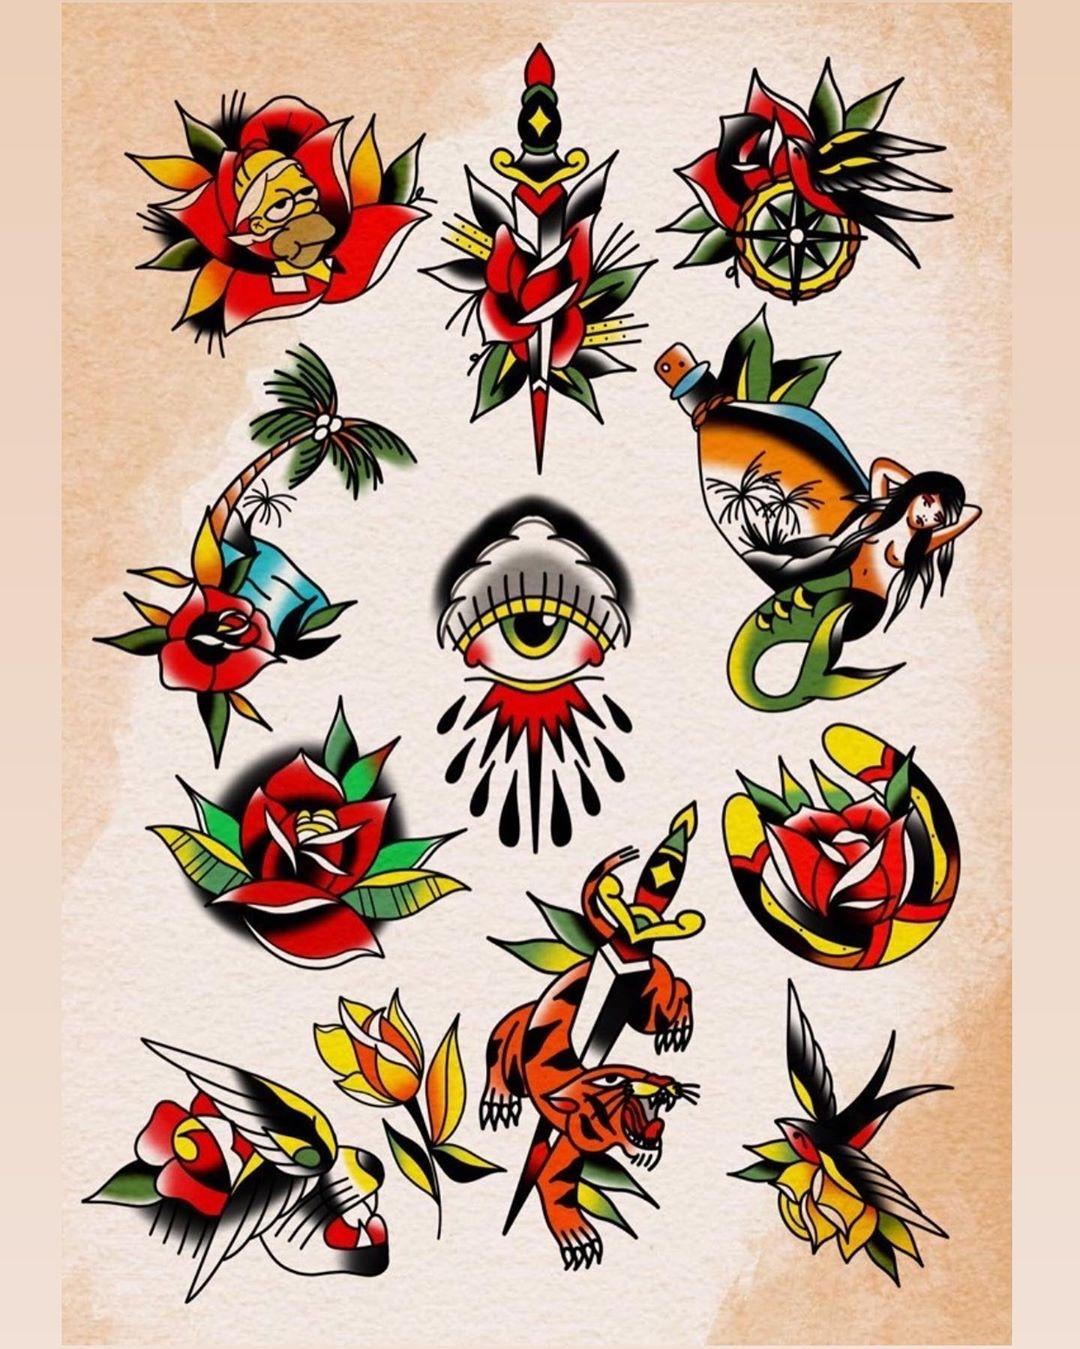 Dirtyghettoaleks inksearch tattoo